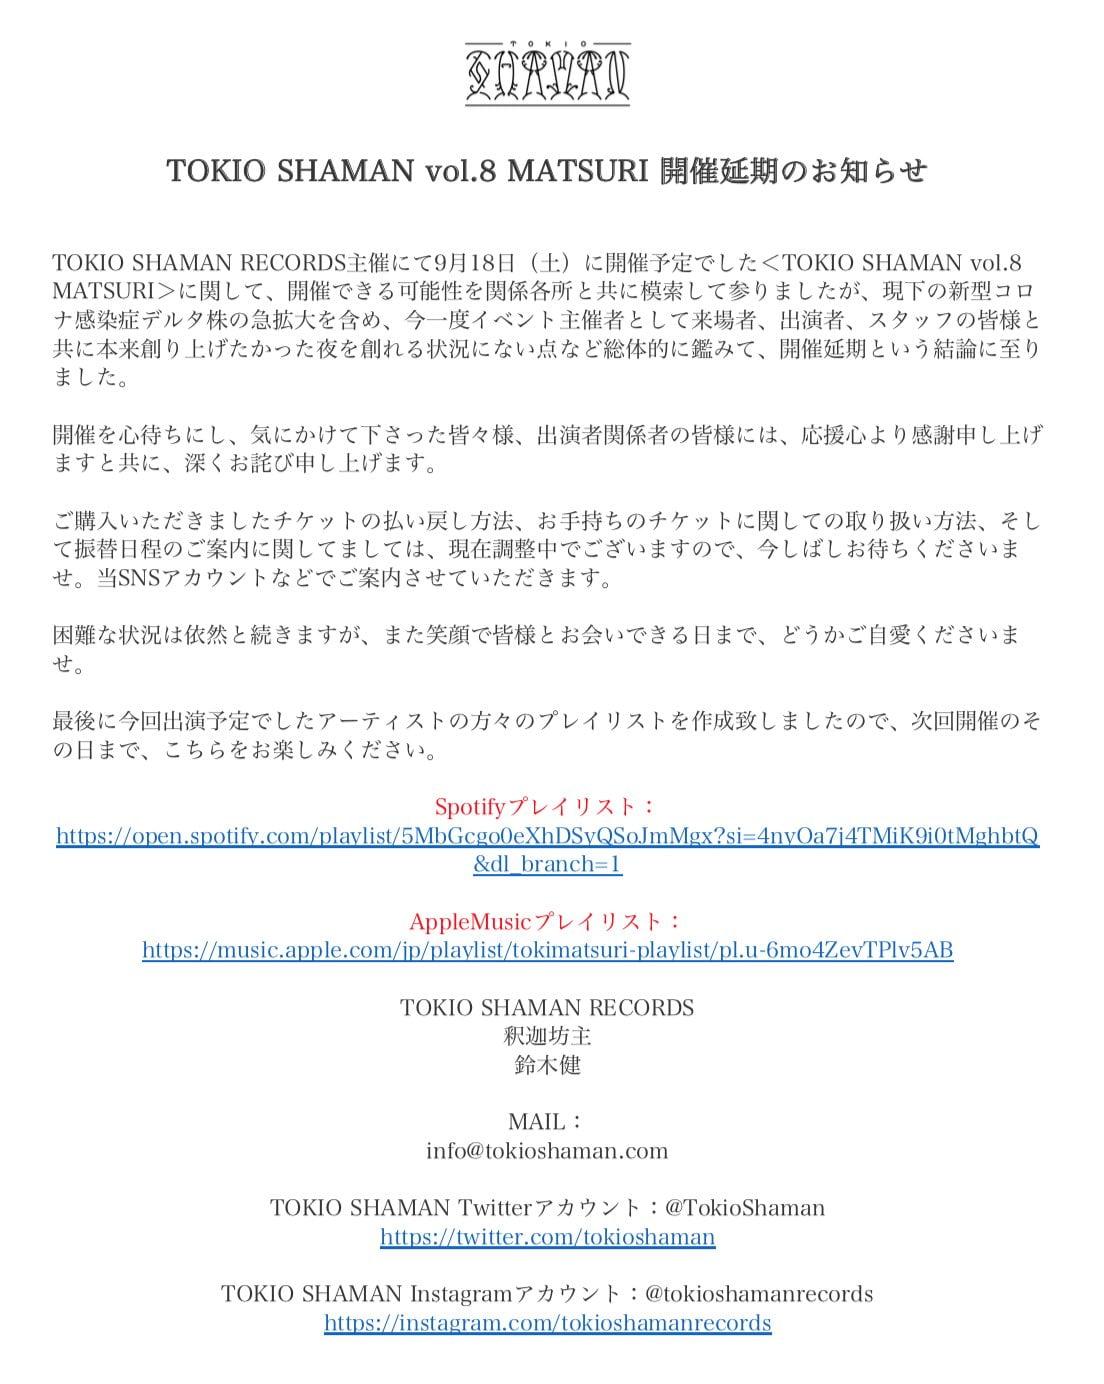 TOKIO SHAMAN vol.8 MATSURI